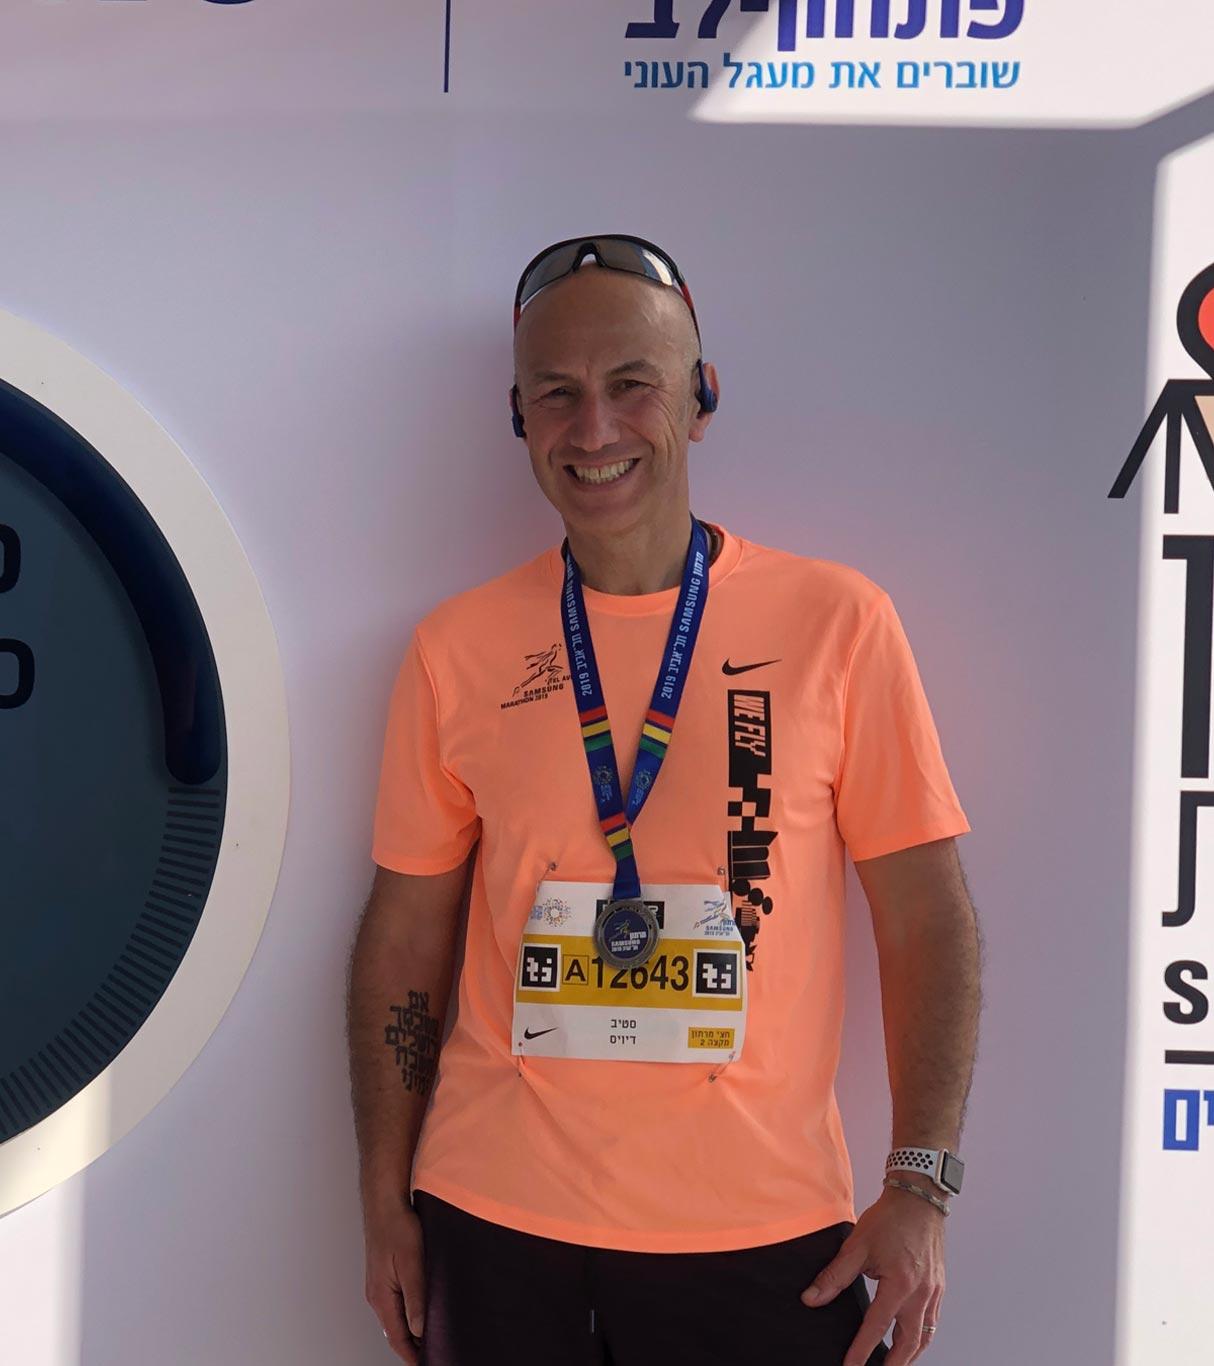 Steve runs the marathon!